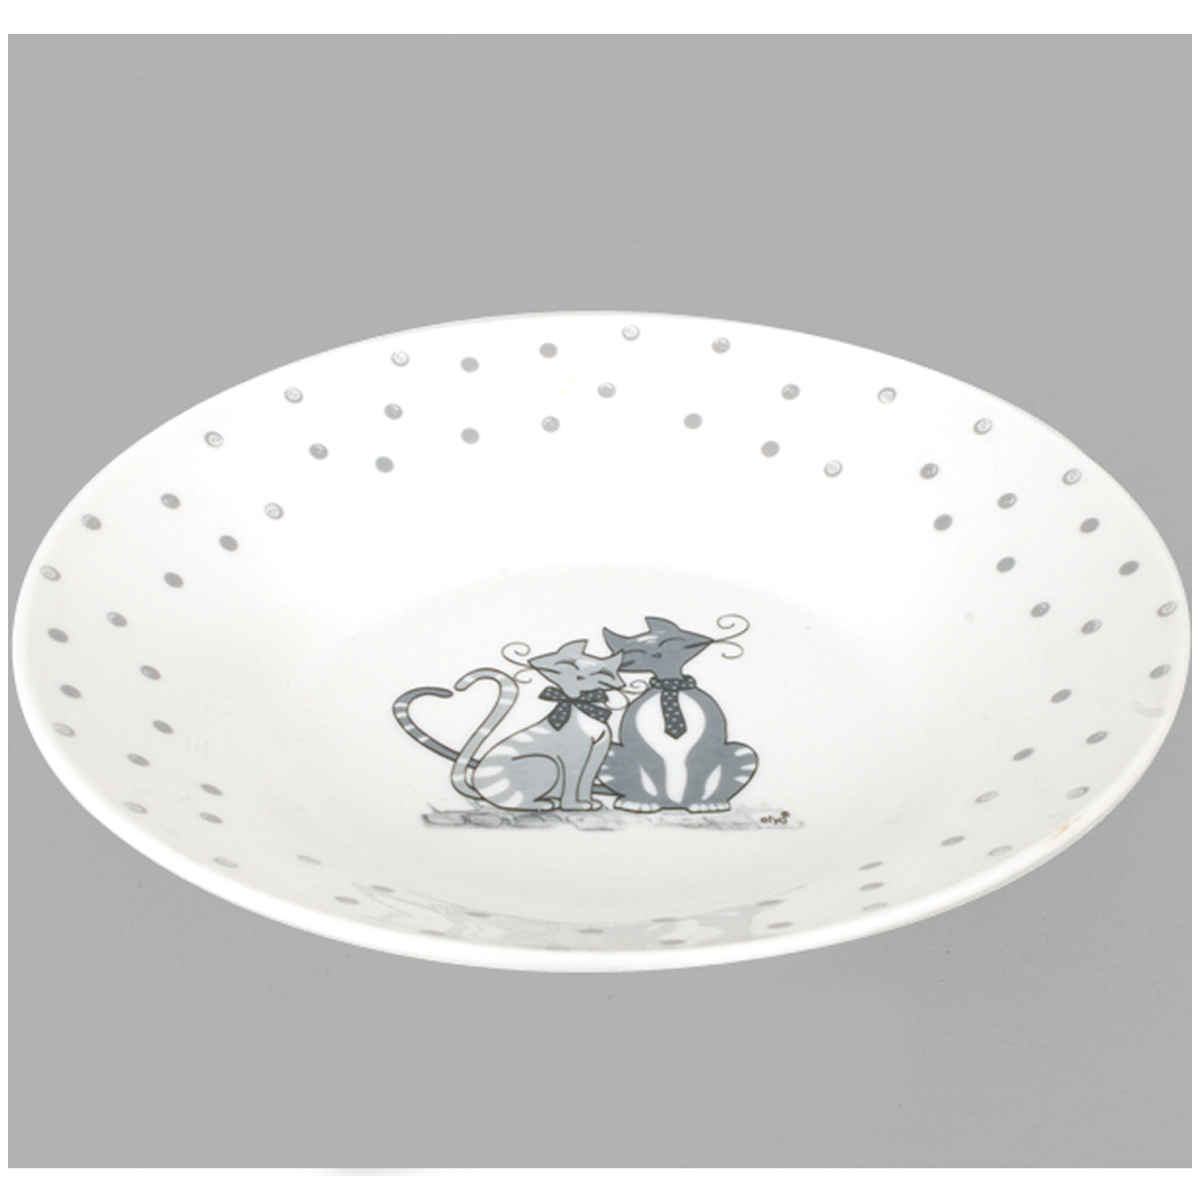 Assiette creuse porcelaine \'Chats\' gris ivoire - 20 cm - [A0289]